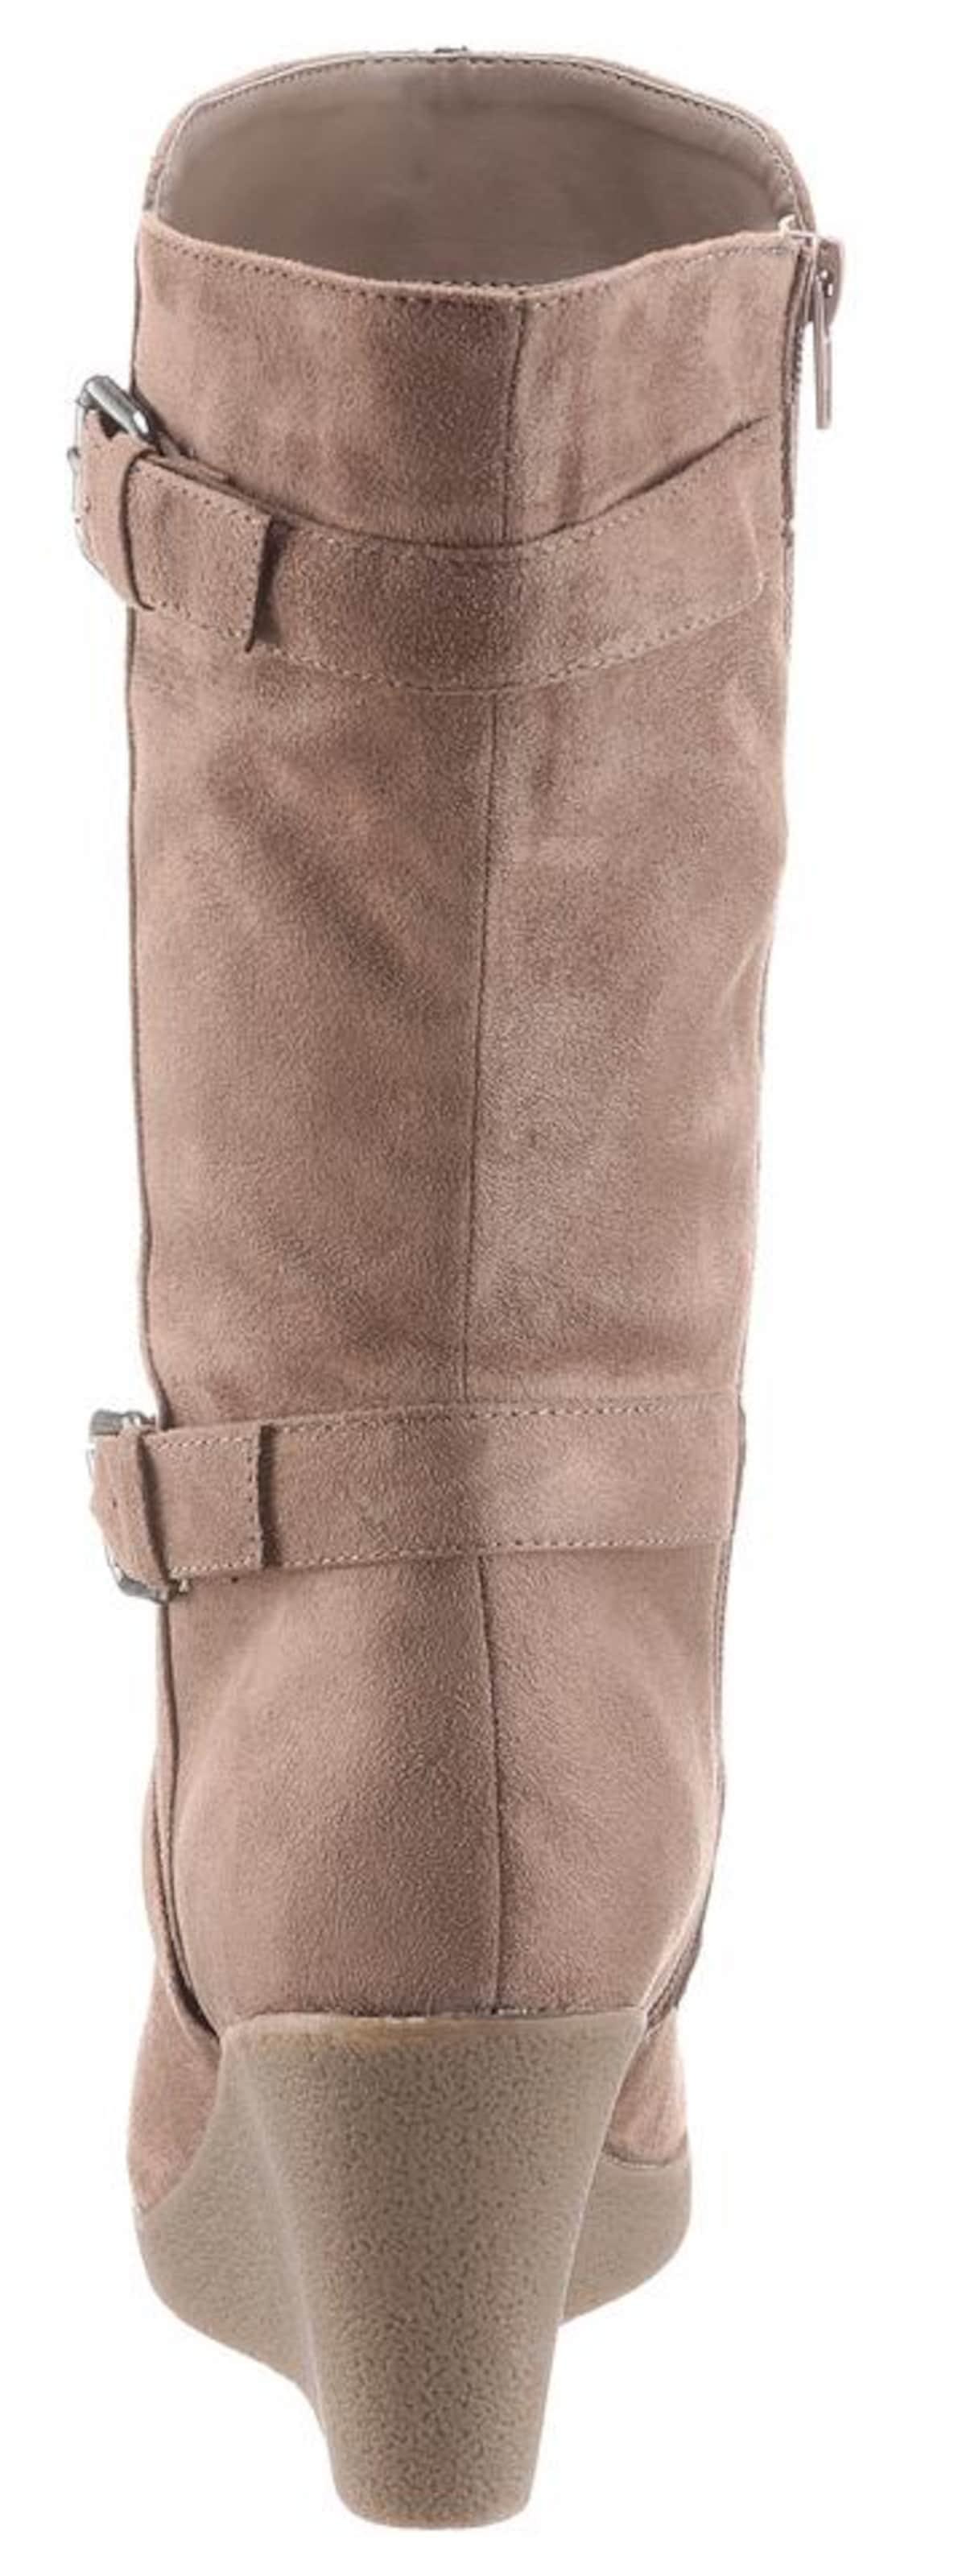 Ebay Online Online Einkaufen CITY WALK Keilstiefel r6mAj